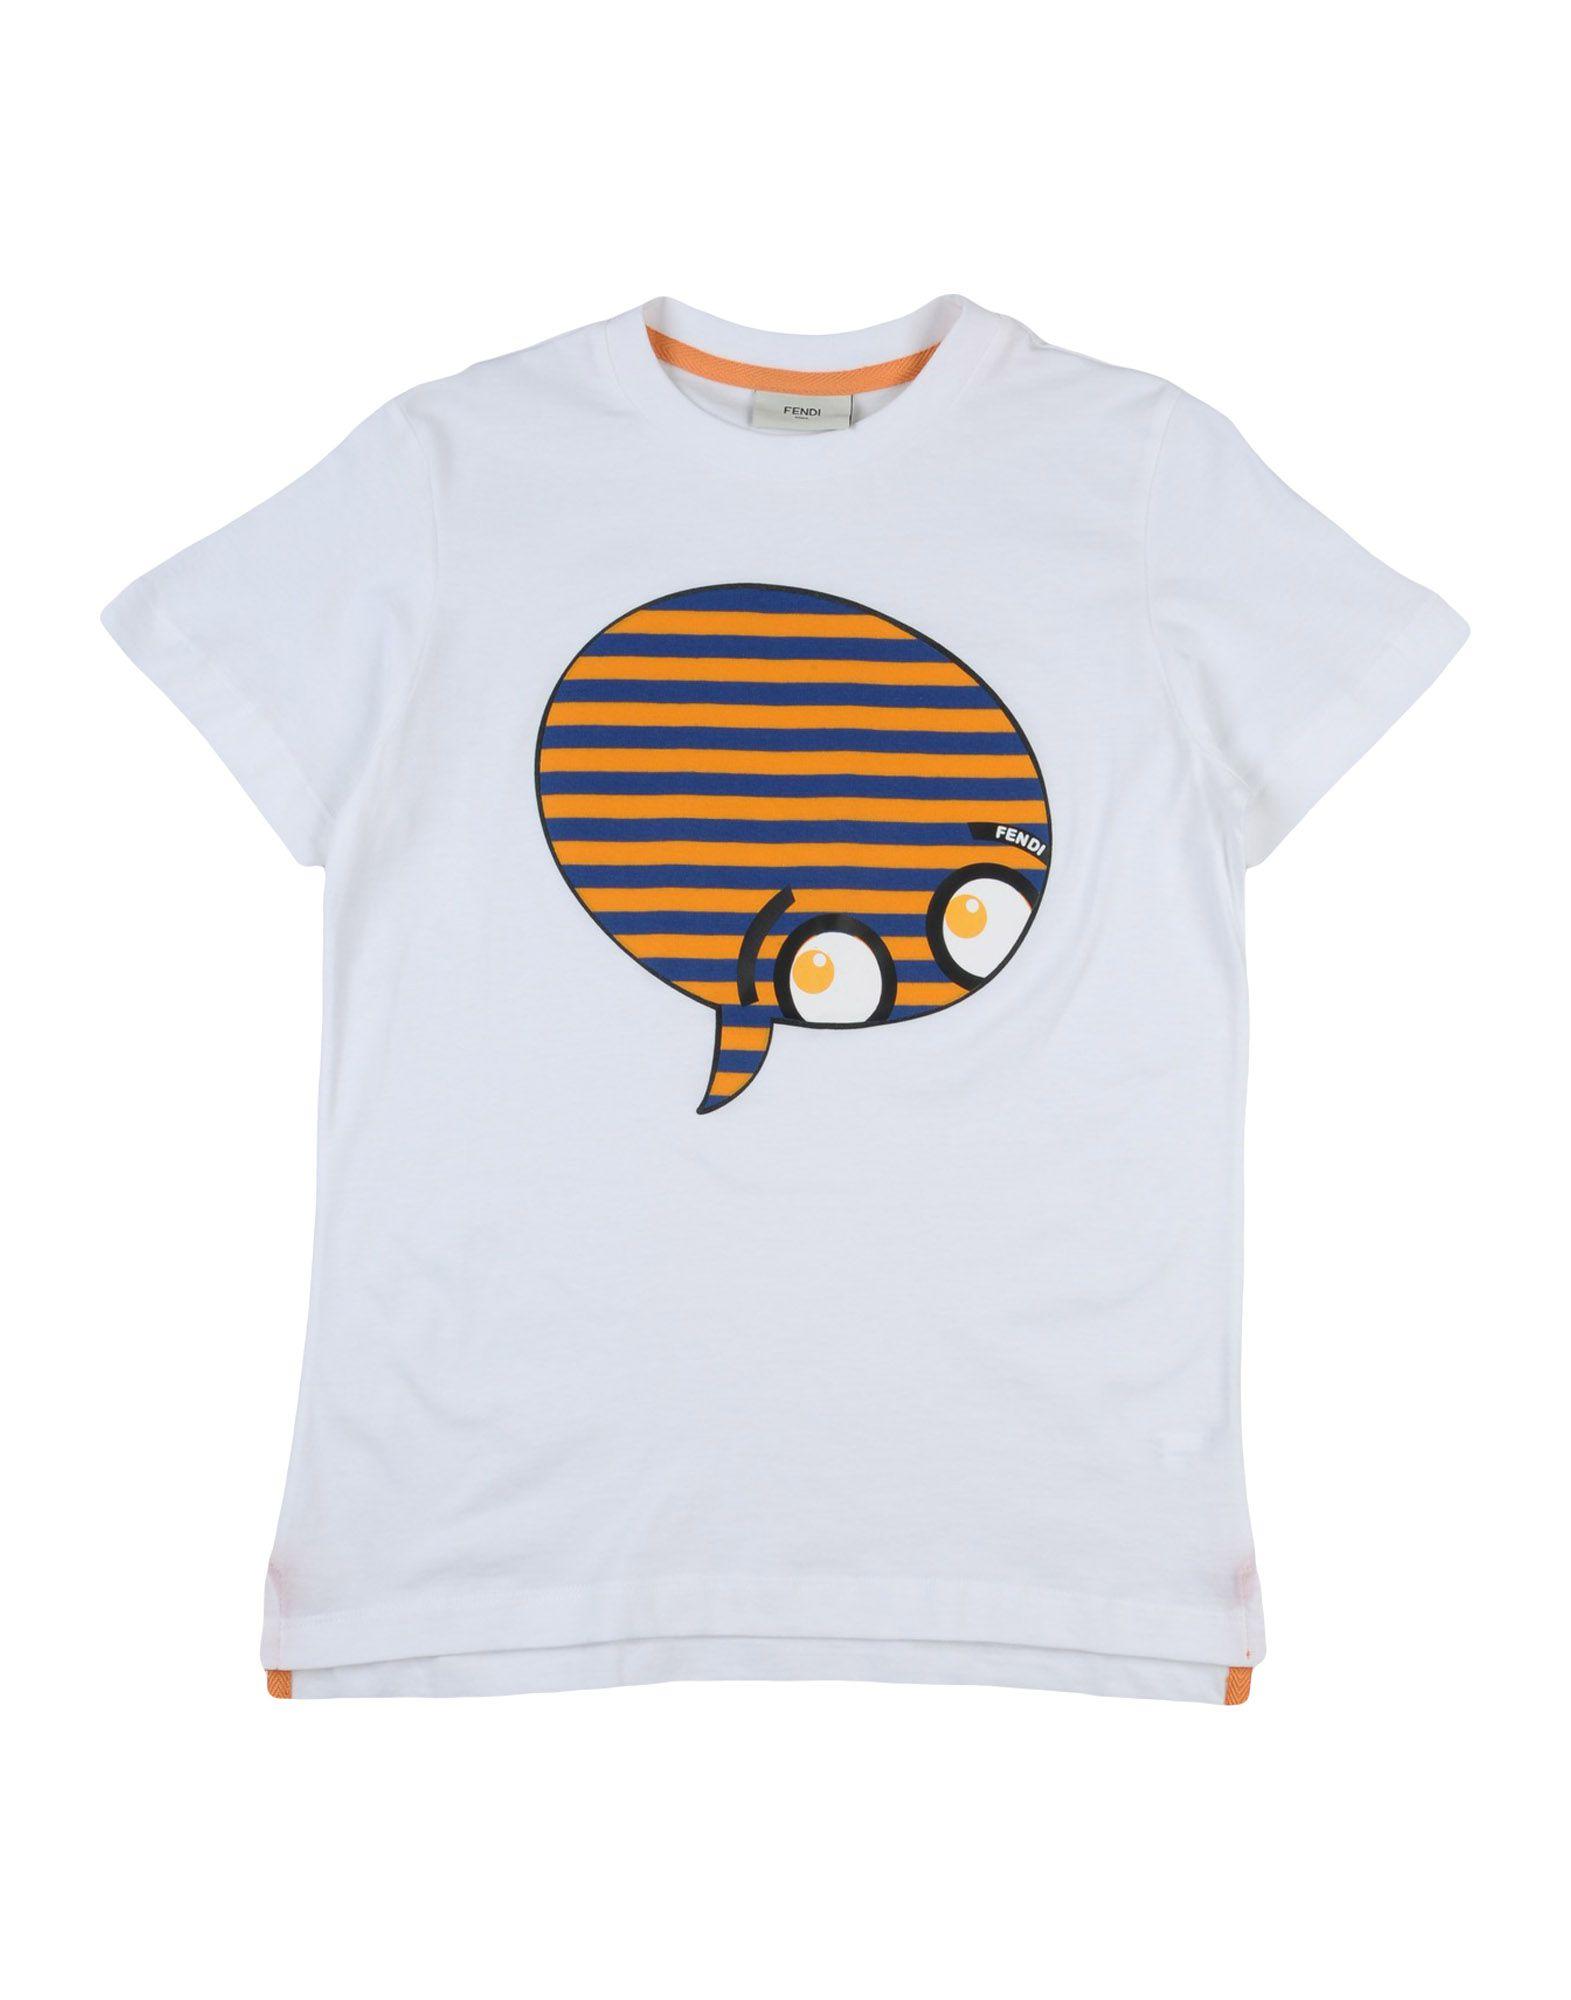 футболка детская fendi fendi 2015 2 14 FENDI Футболка